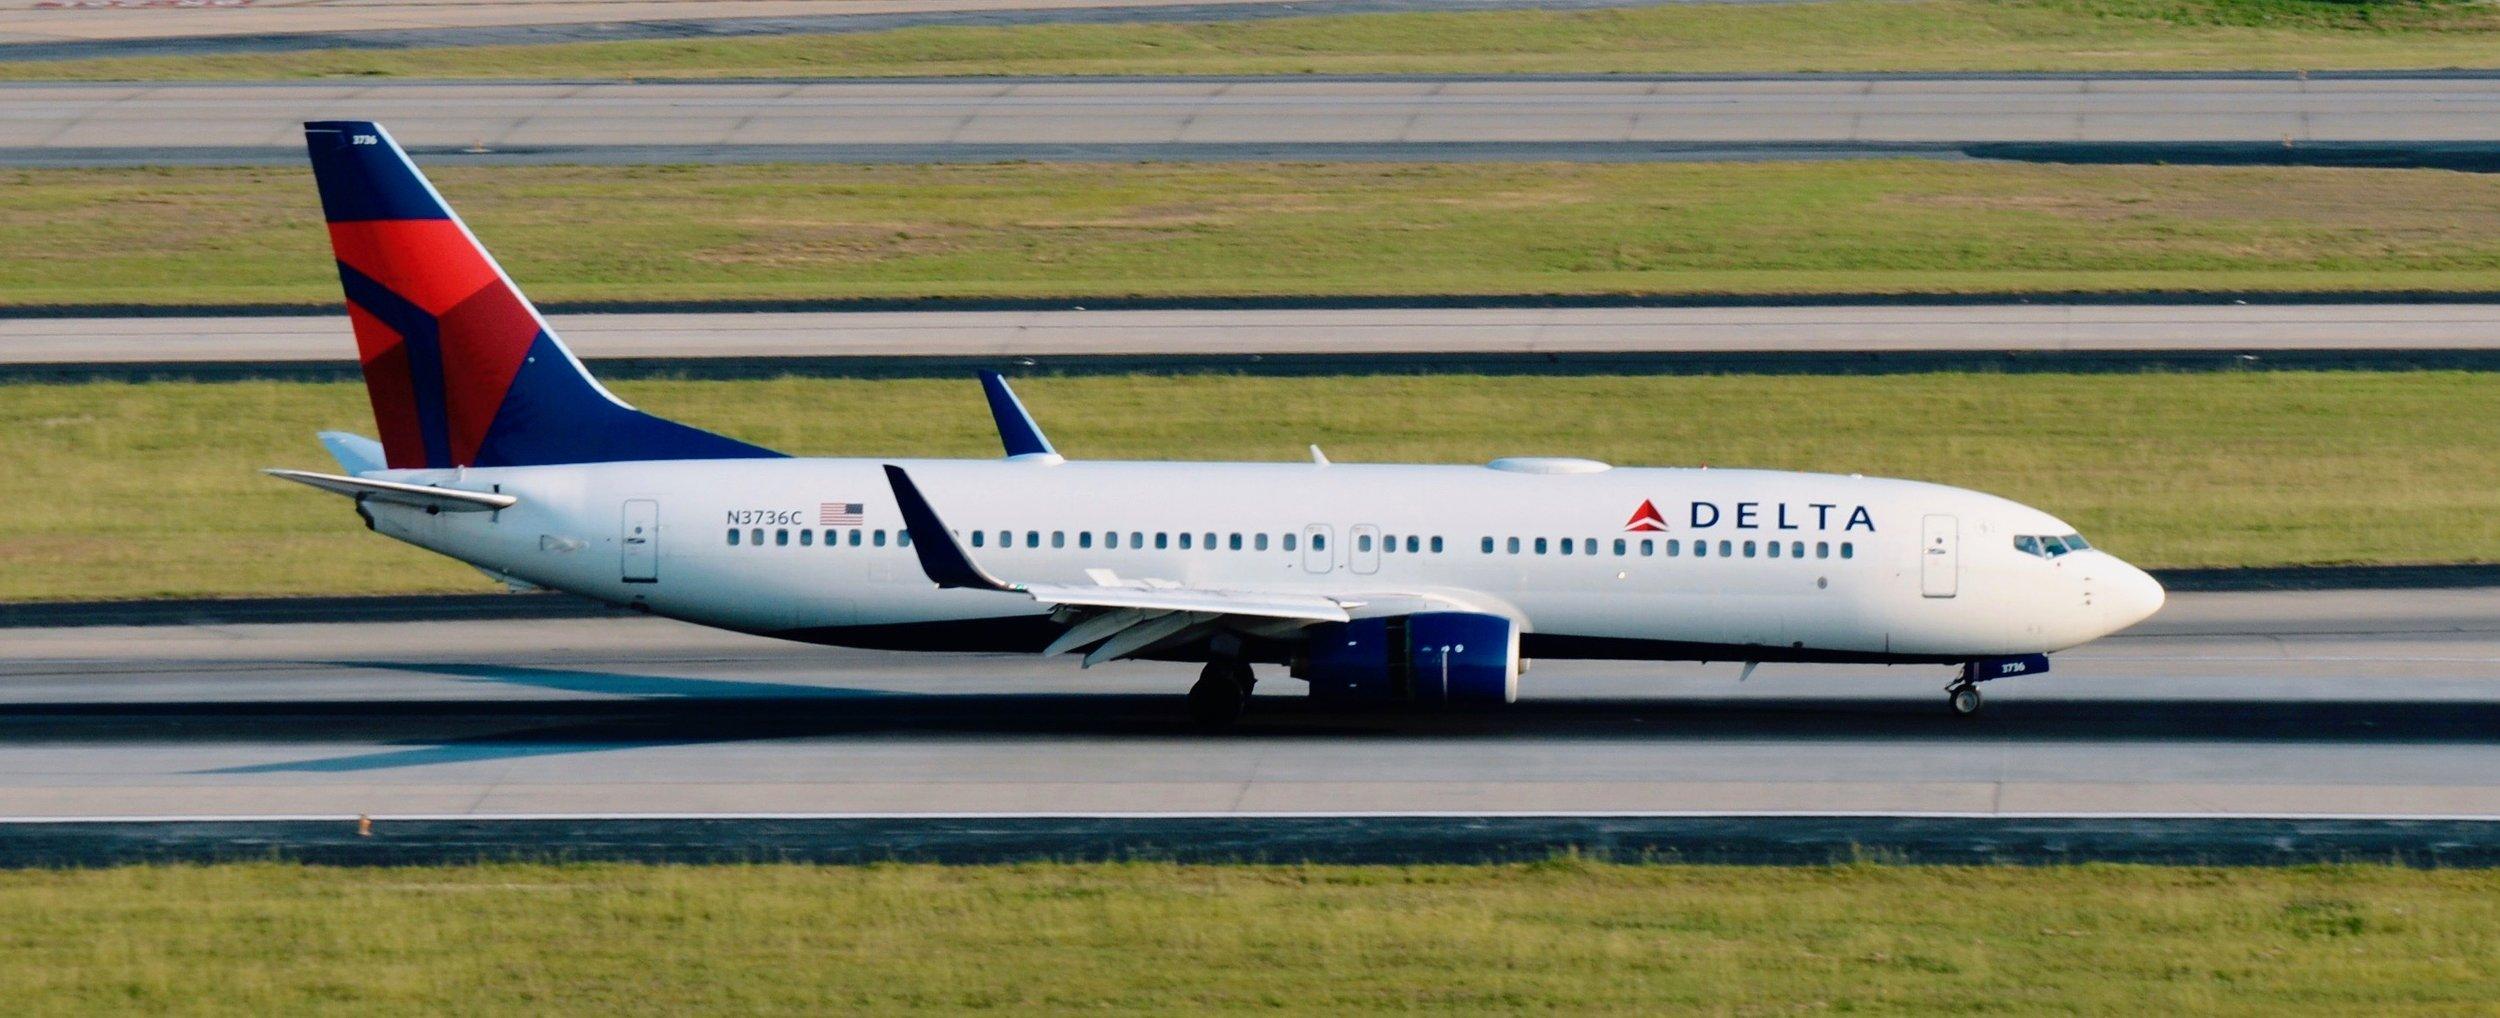 Delta Boeing 737 800 Old Interior Officer Wayfinder